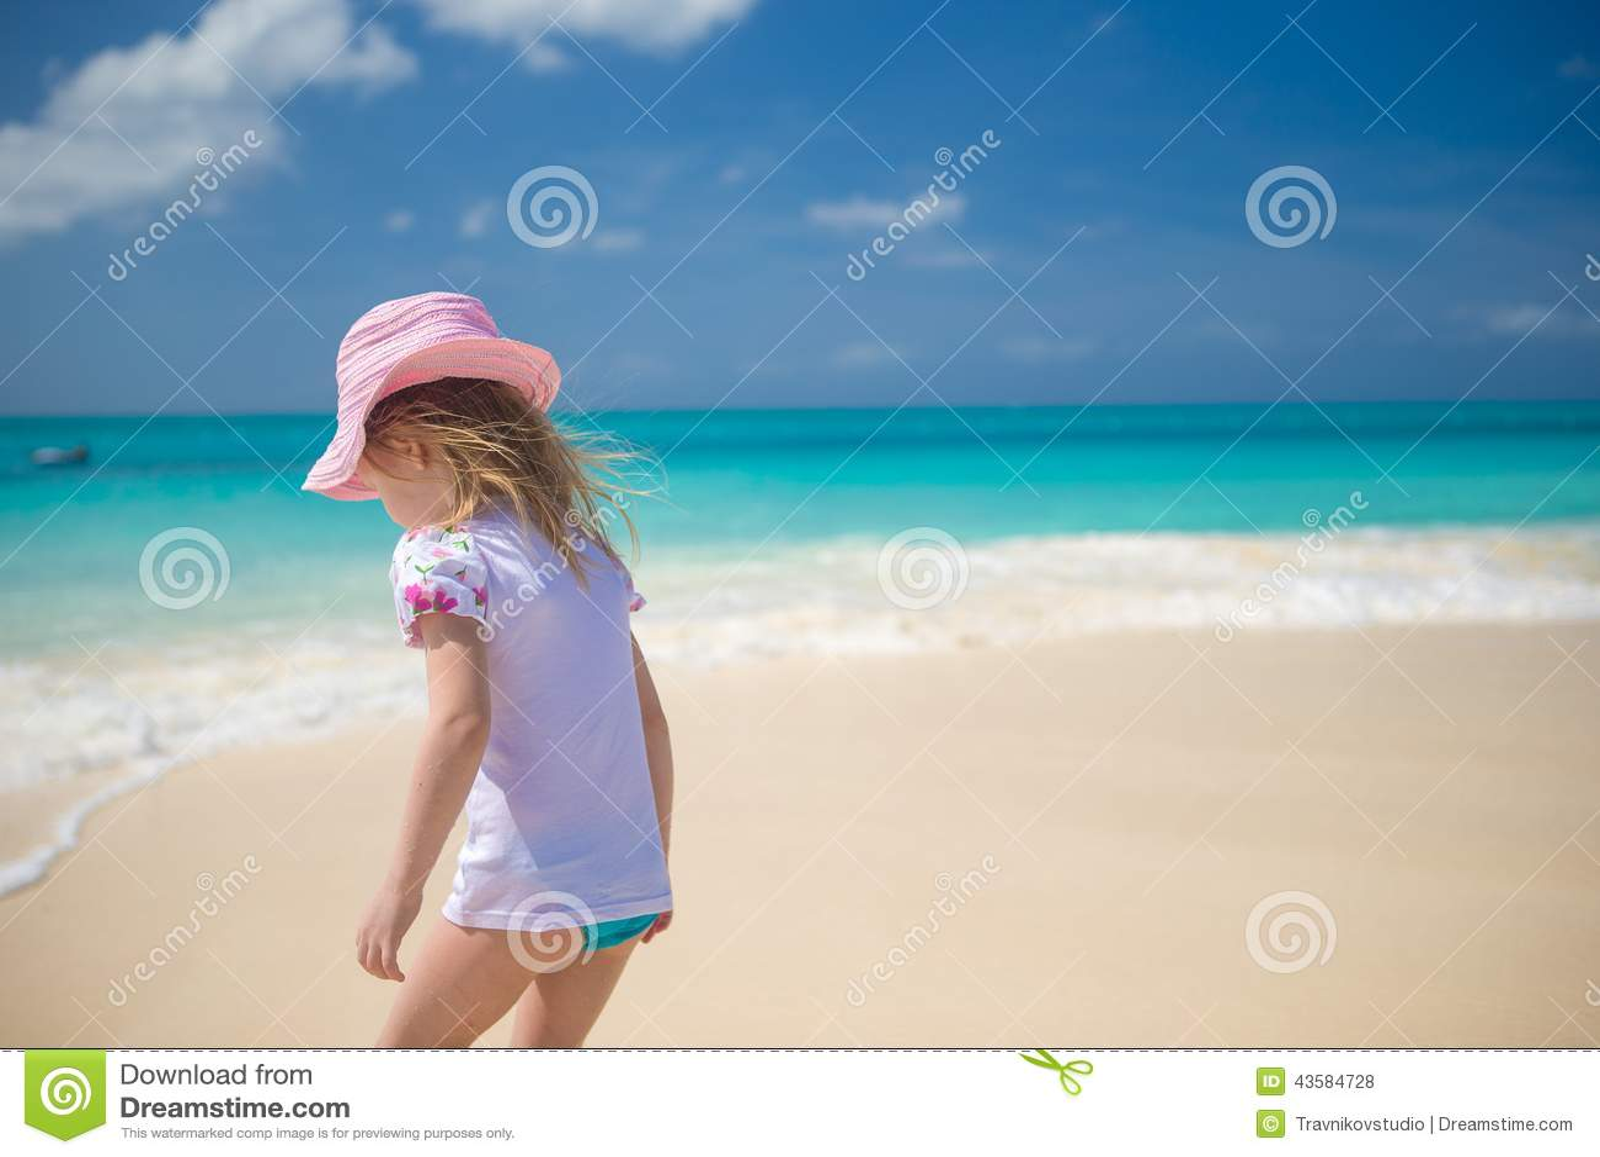 Förtjusande liten flicka som spelar i grunt vatten på